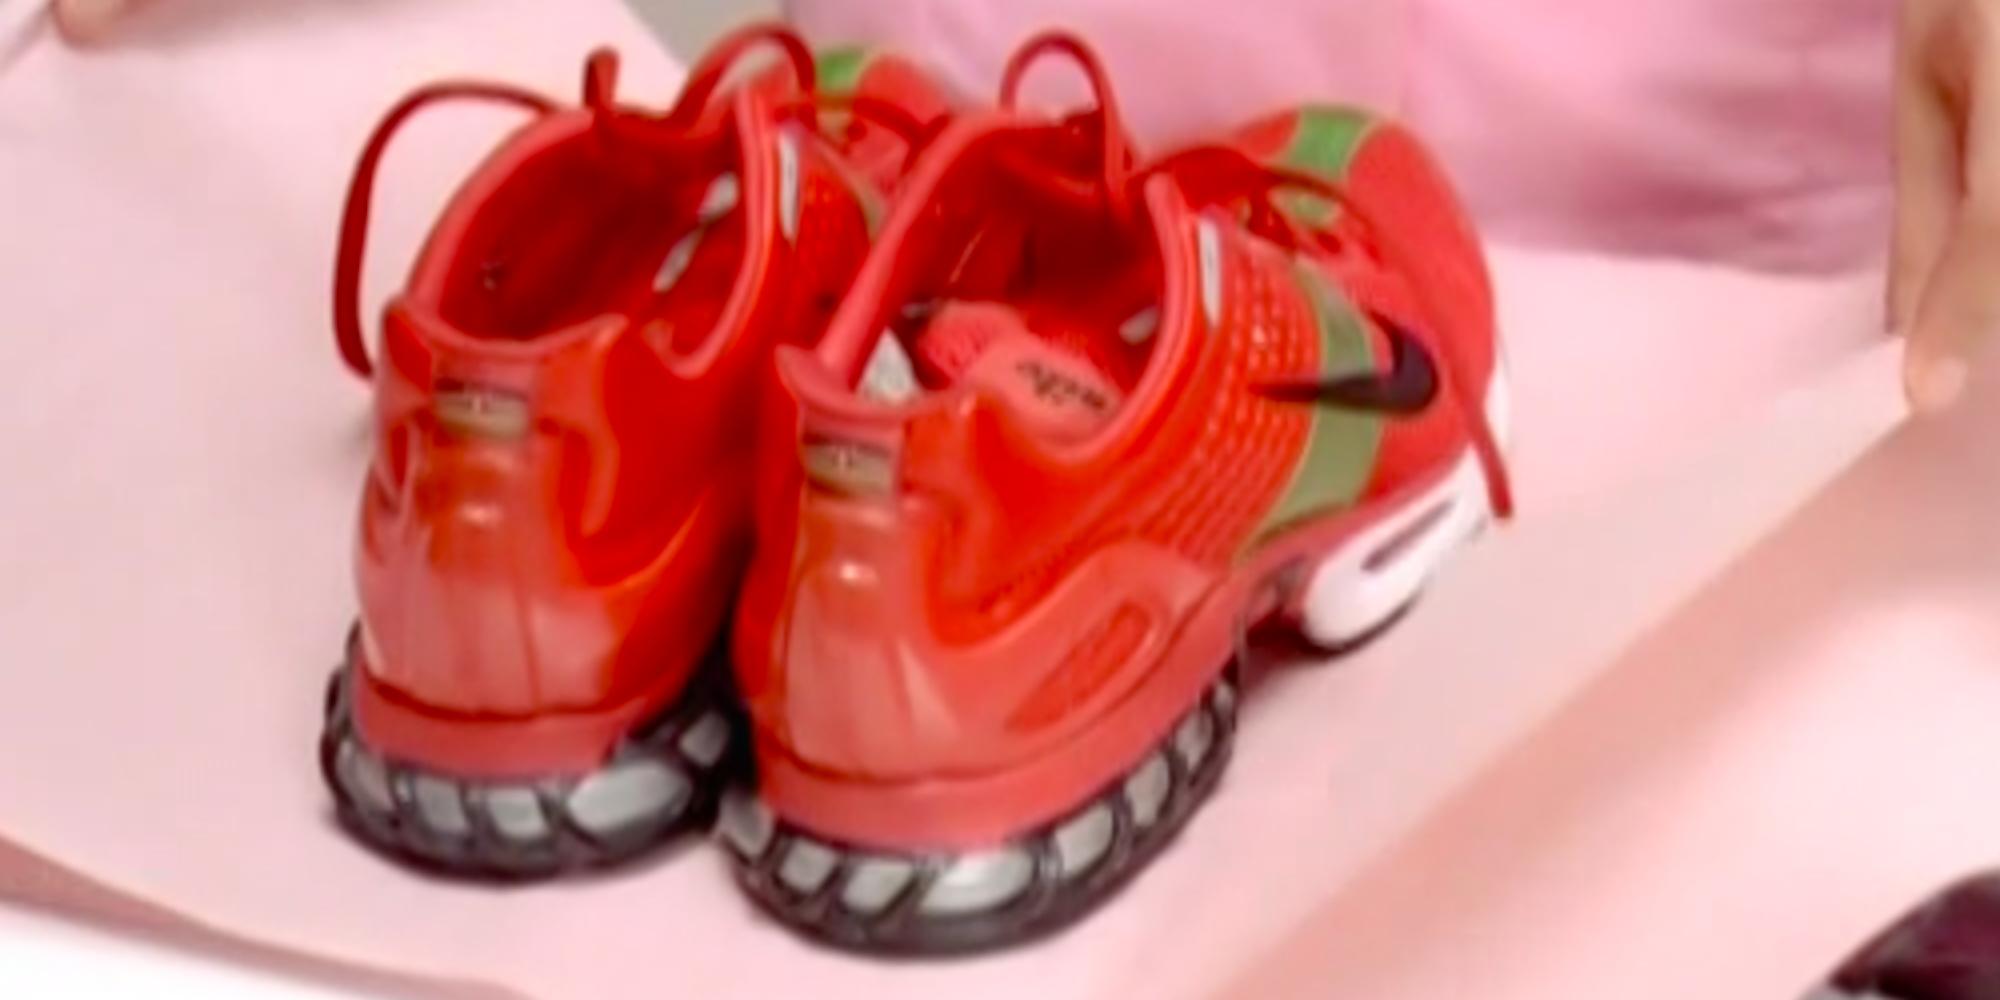 Et par røde joggesko. Foto.